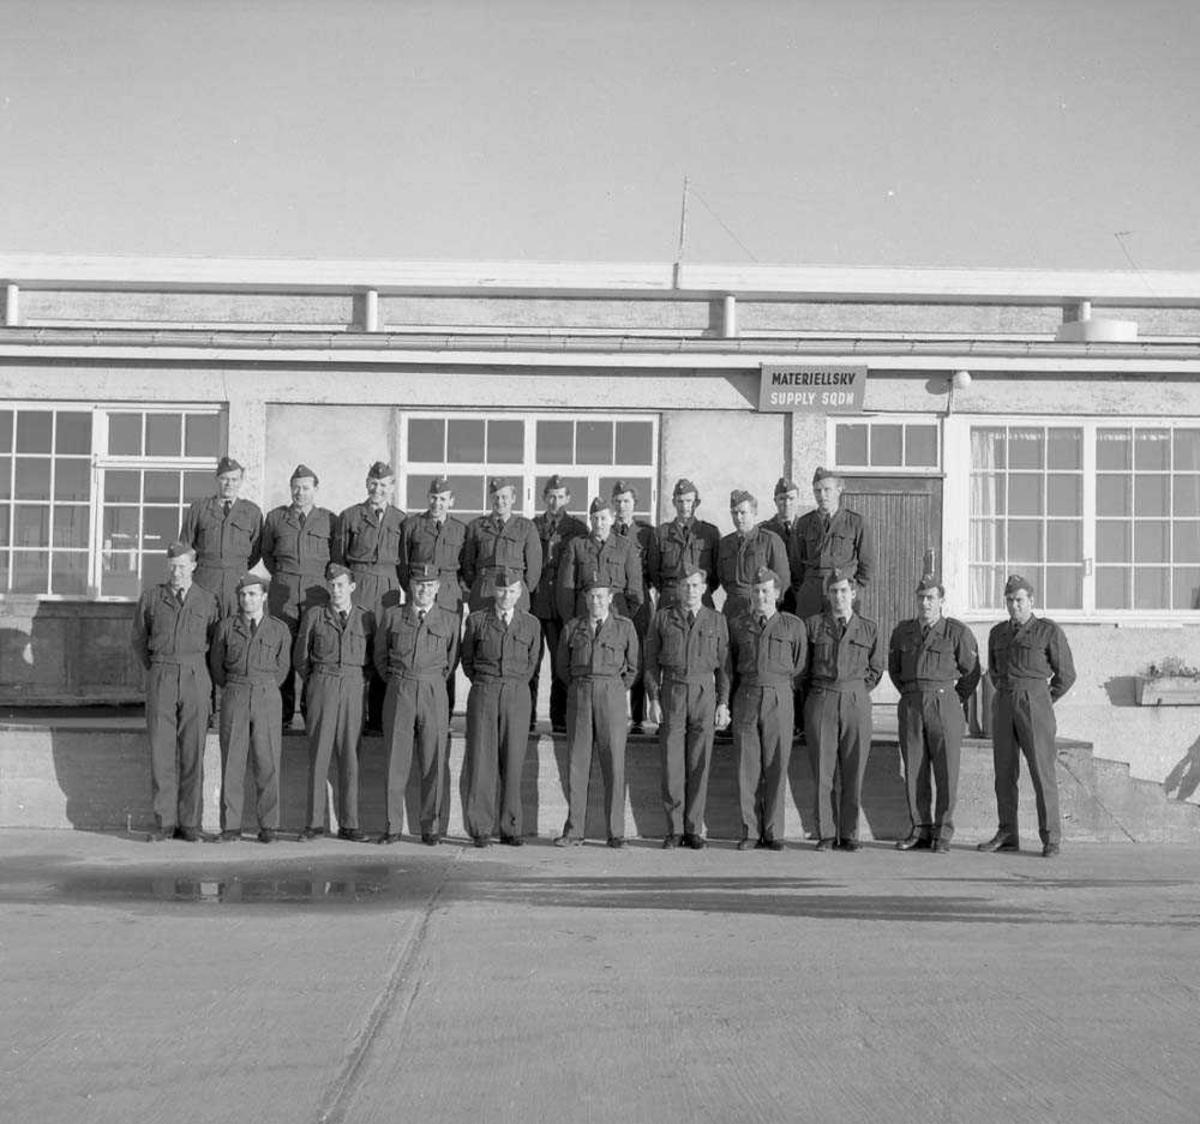 Gruppefoto av repetisjonsmannskaper.